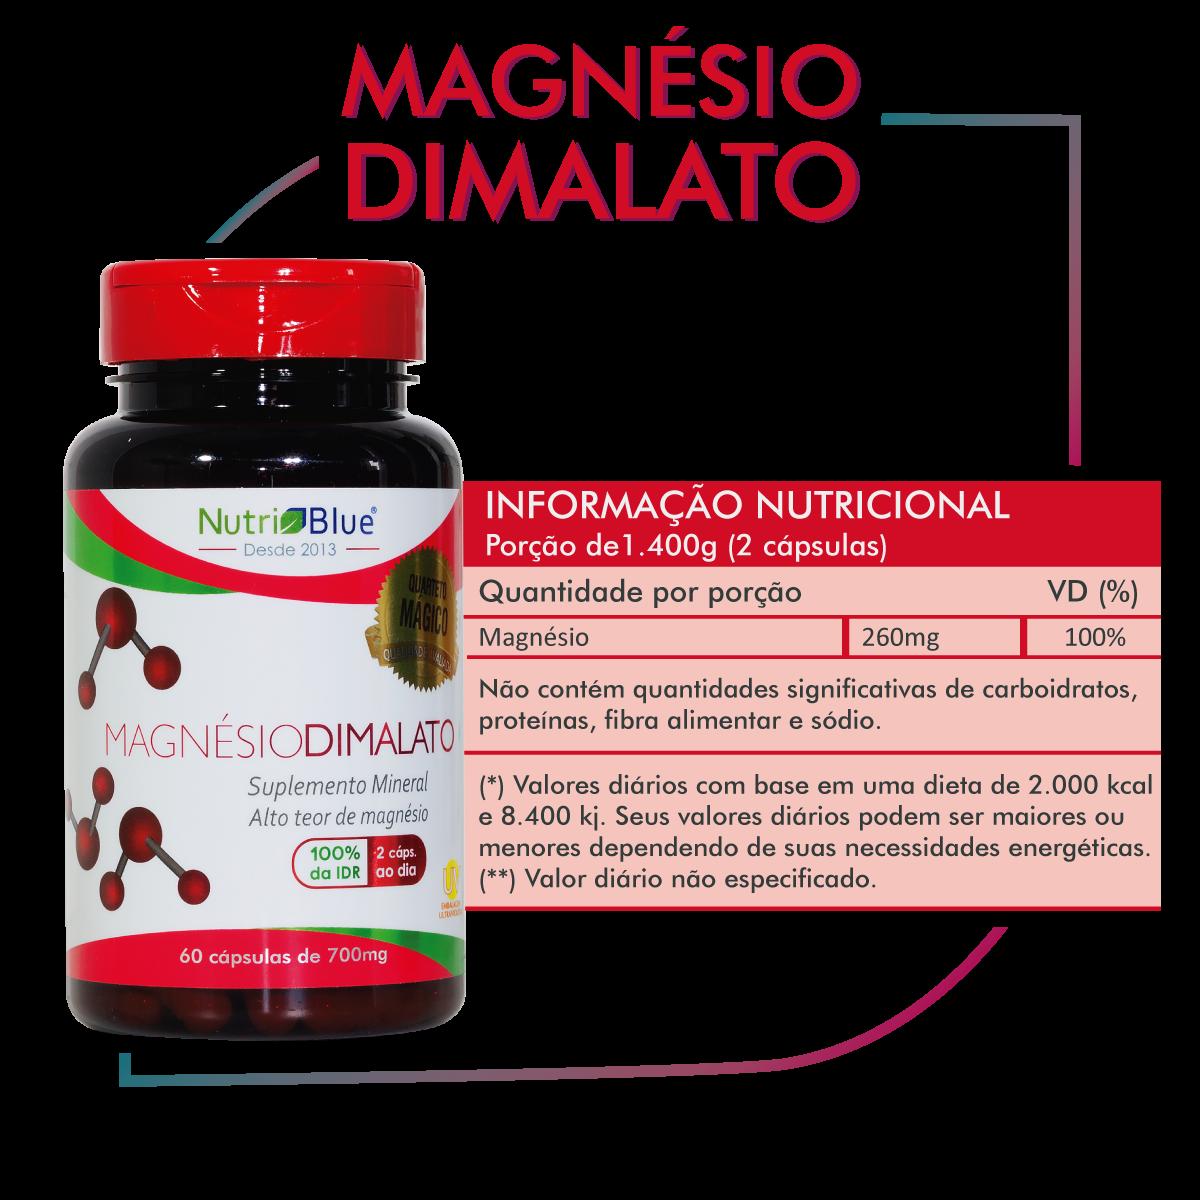 Magnésio Dimalato 700mg Nutriblue